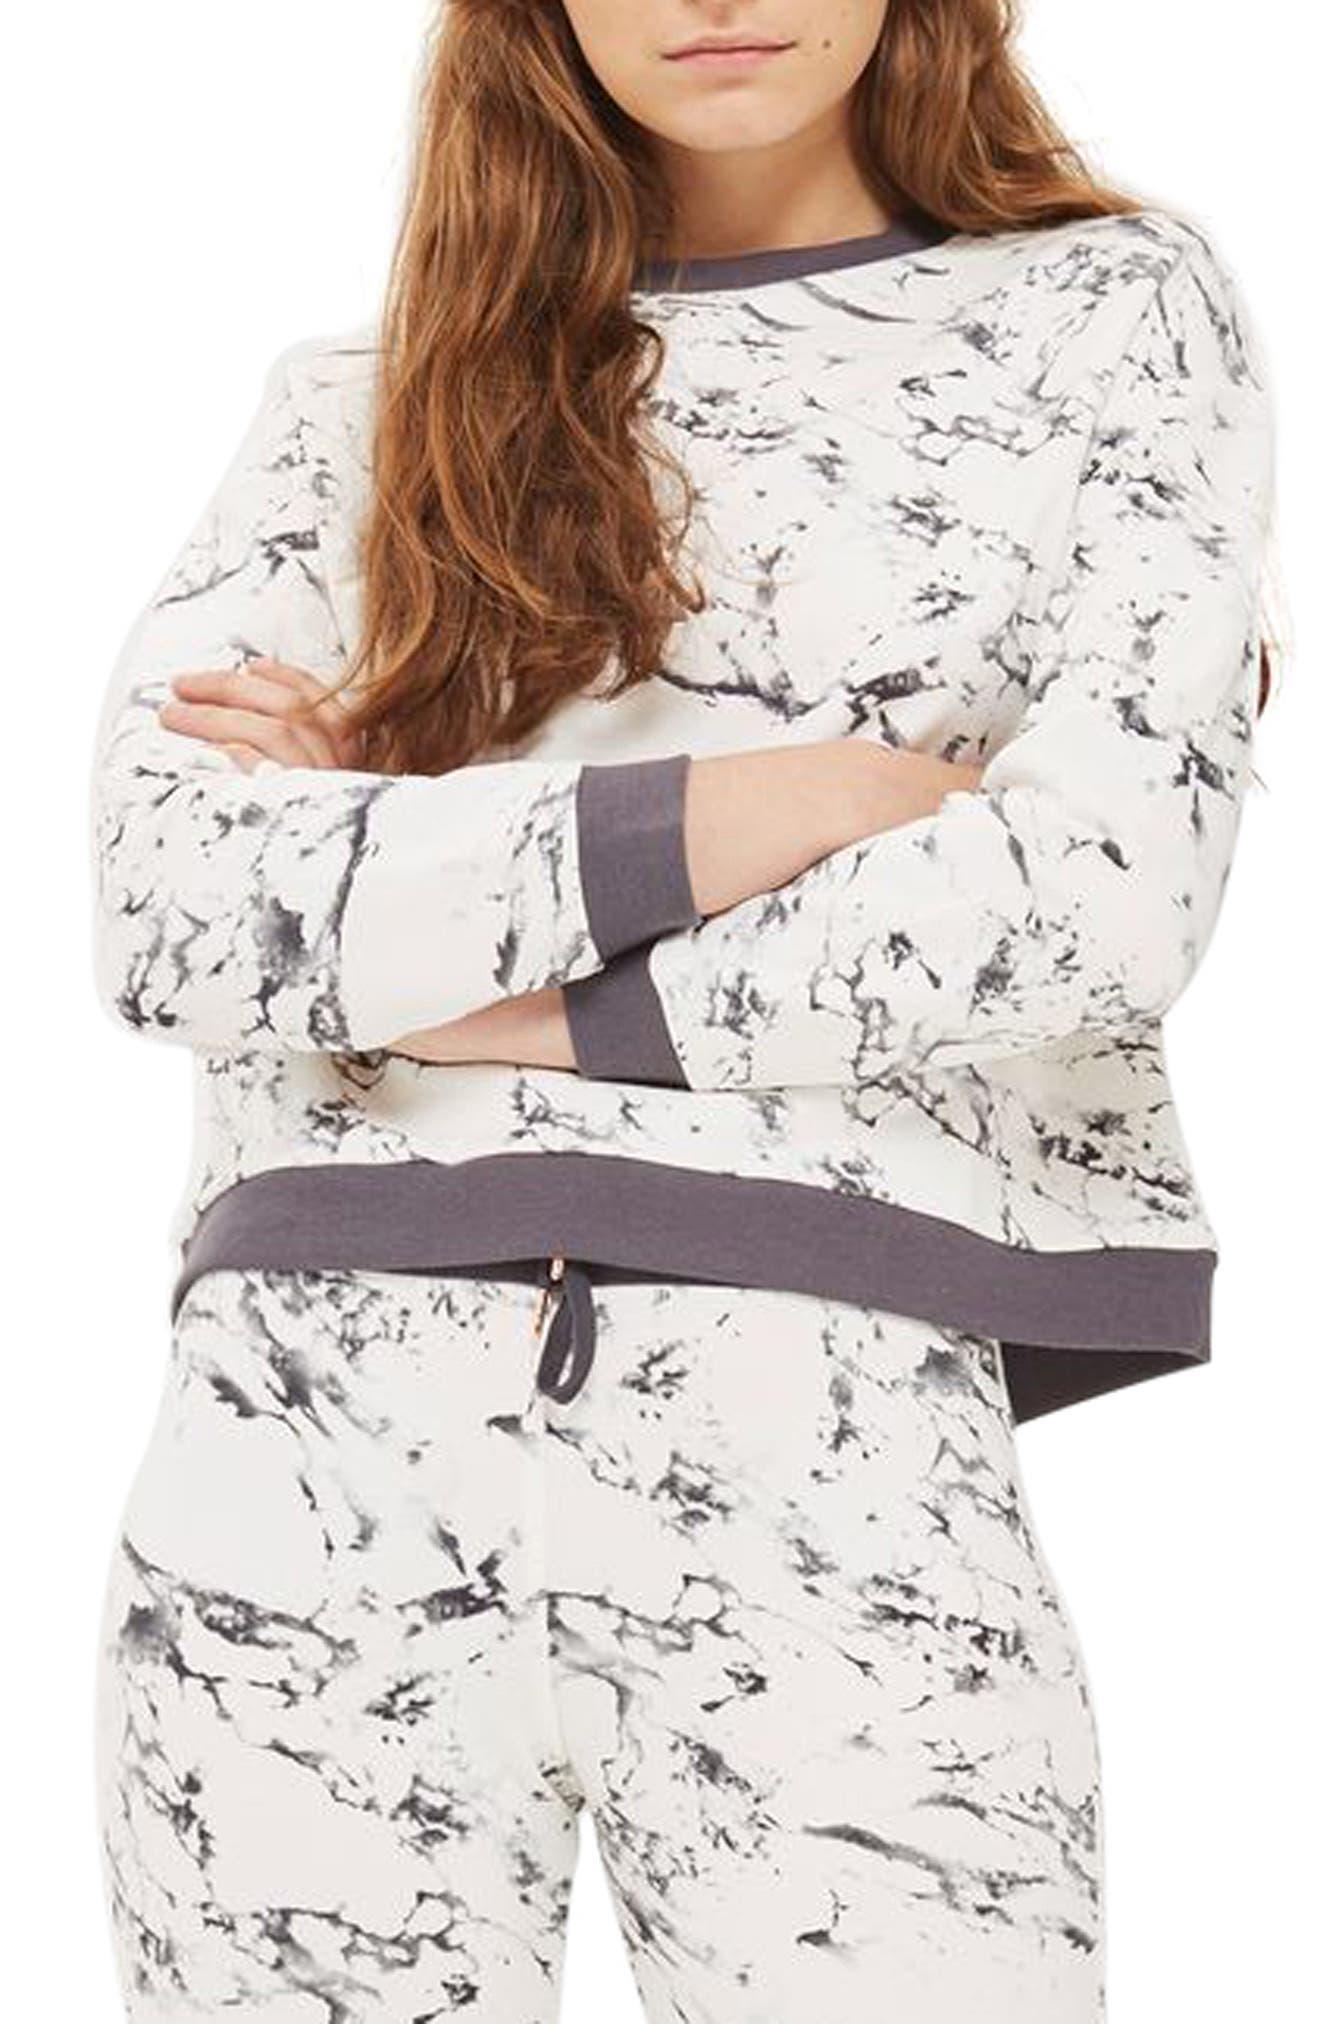 Alternate Image 1 Selected - Topshop Marble Print Lounge Sweatshirt